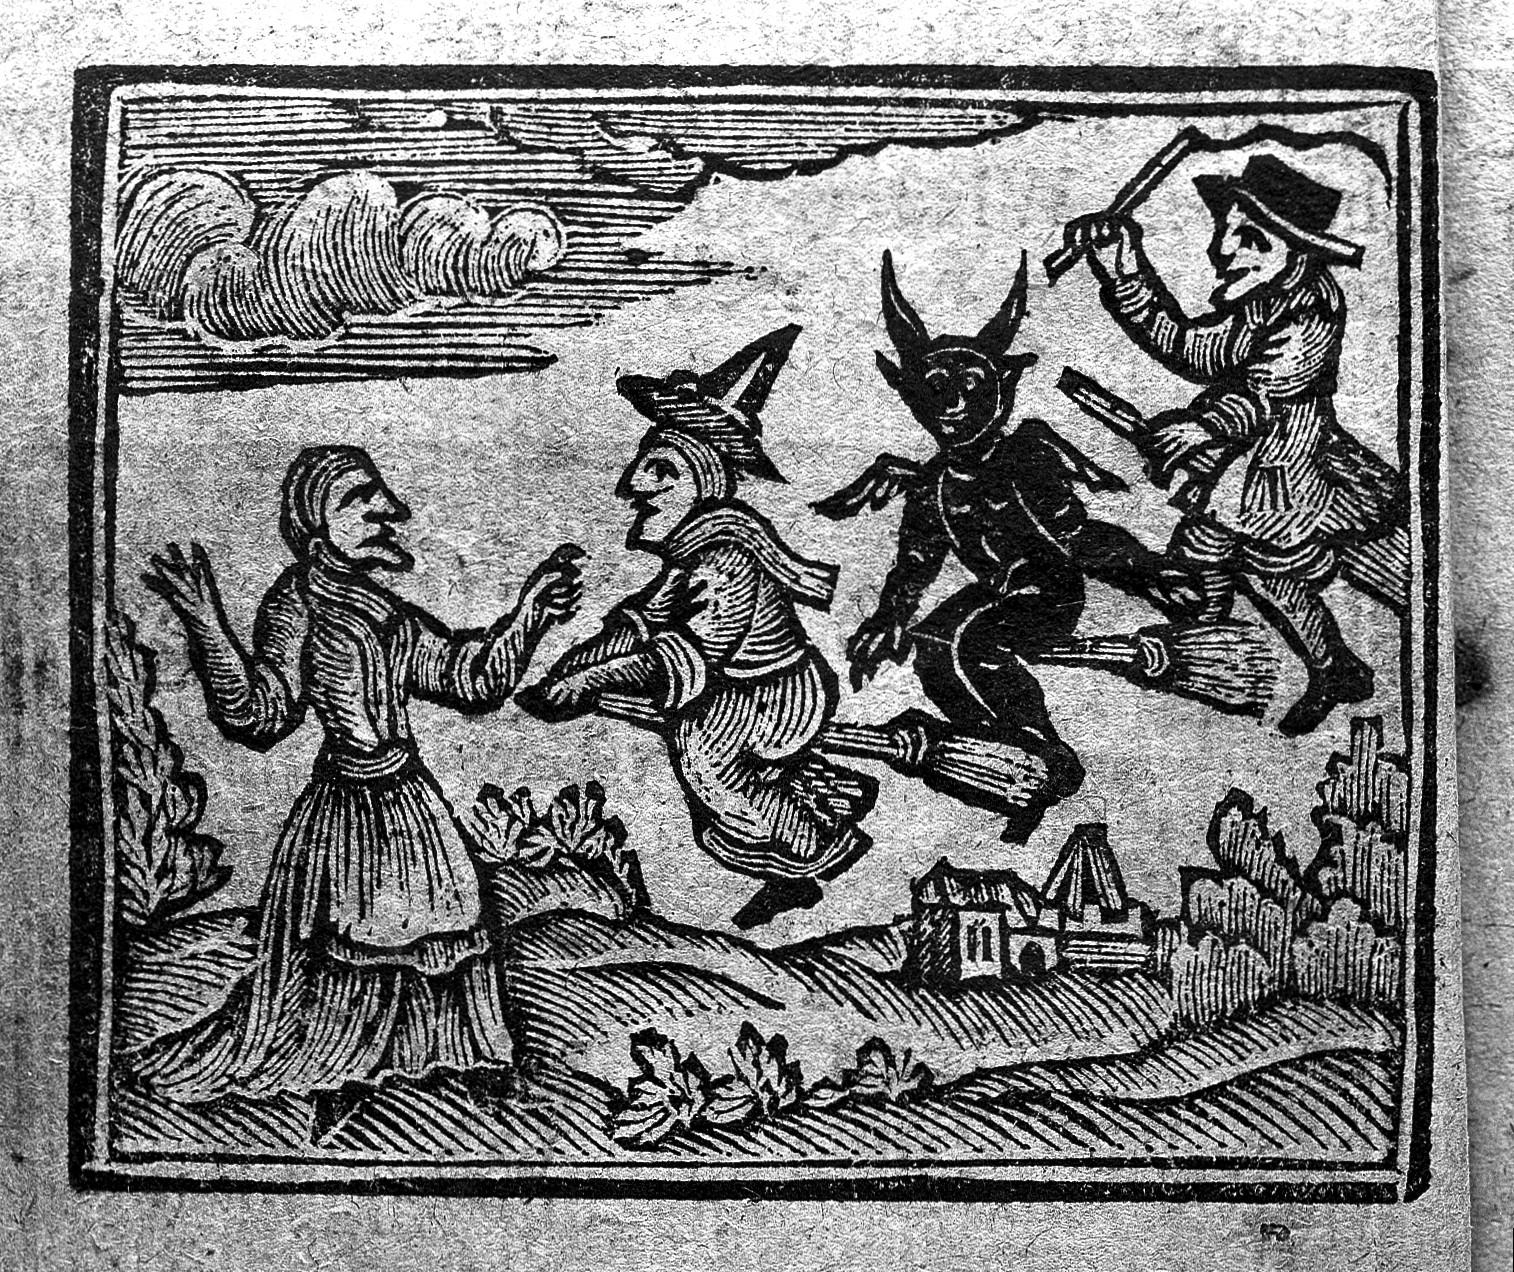 Woman greeting beings arriving on broomsticks